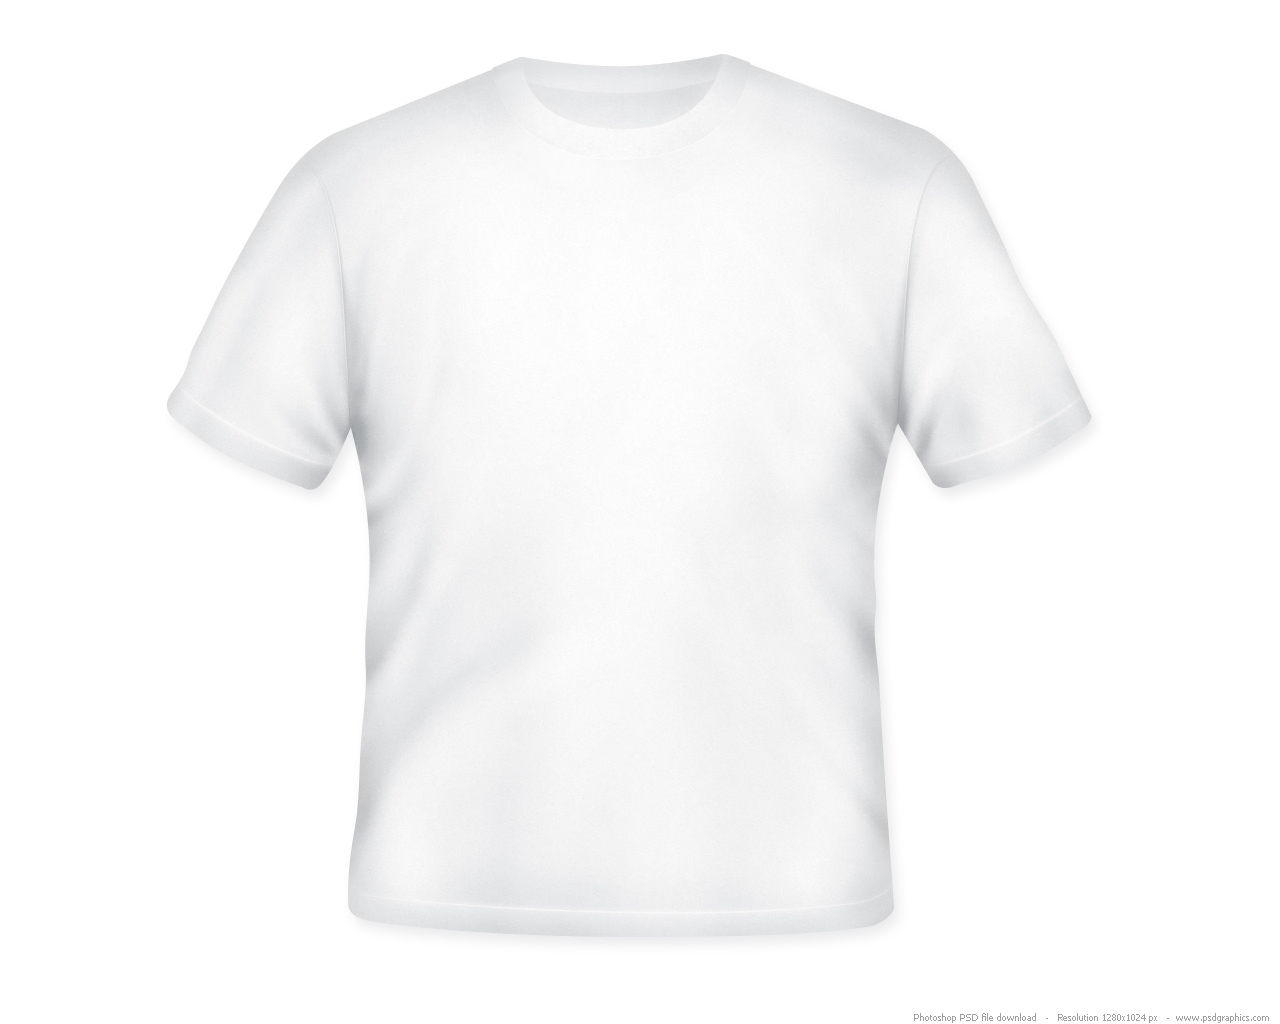 Erfreut T Shirt Vorlage Photoshop Fotos - Beispiel Business ...